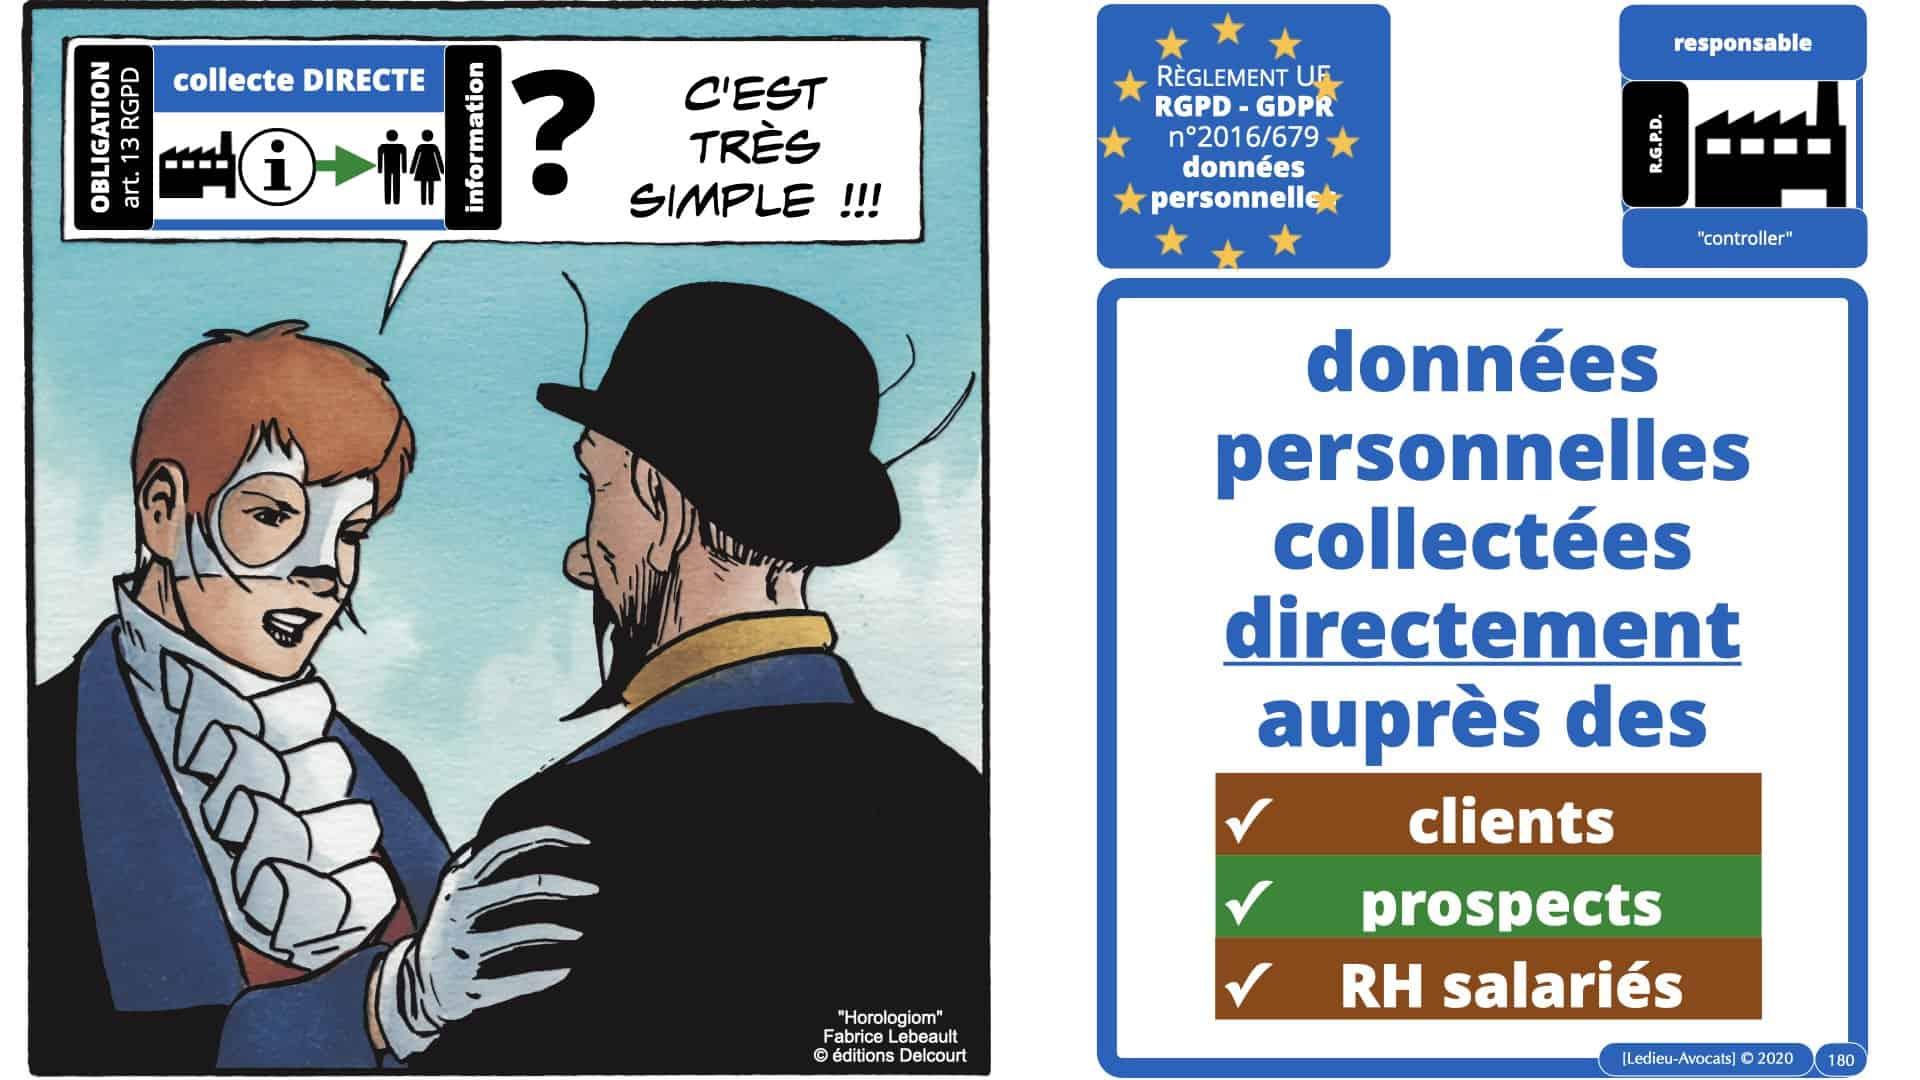 RGPD e-Privacy données personnelles jurisprudence formation Lamy Les Echos 10-02-2021 ©Ledieu-Avocats.180